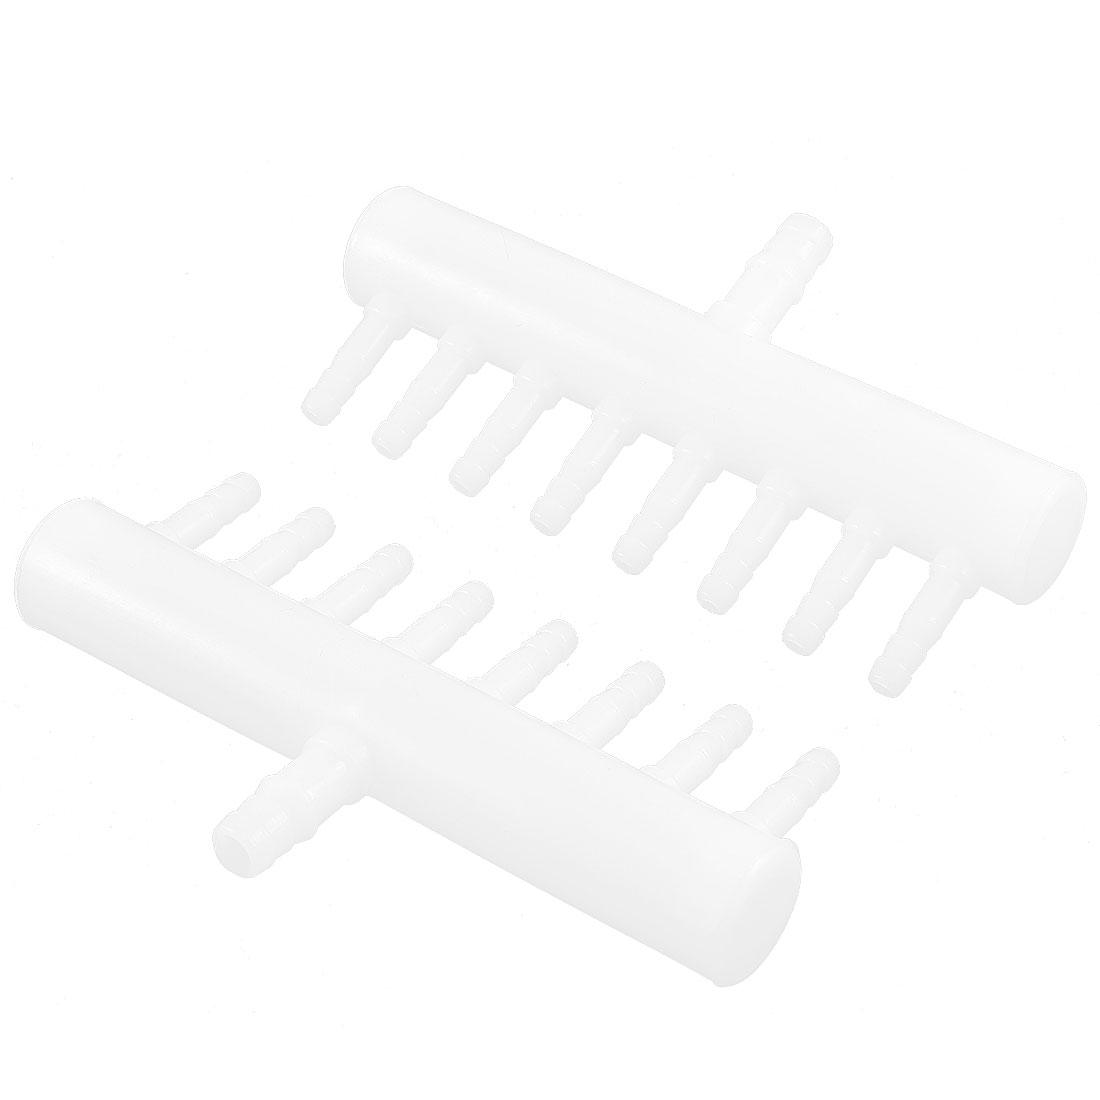 White Plastic Aquarium 8 Way Air Flow Control Oxygen Splitter Lever Valve 2 Pcs